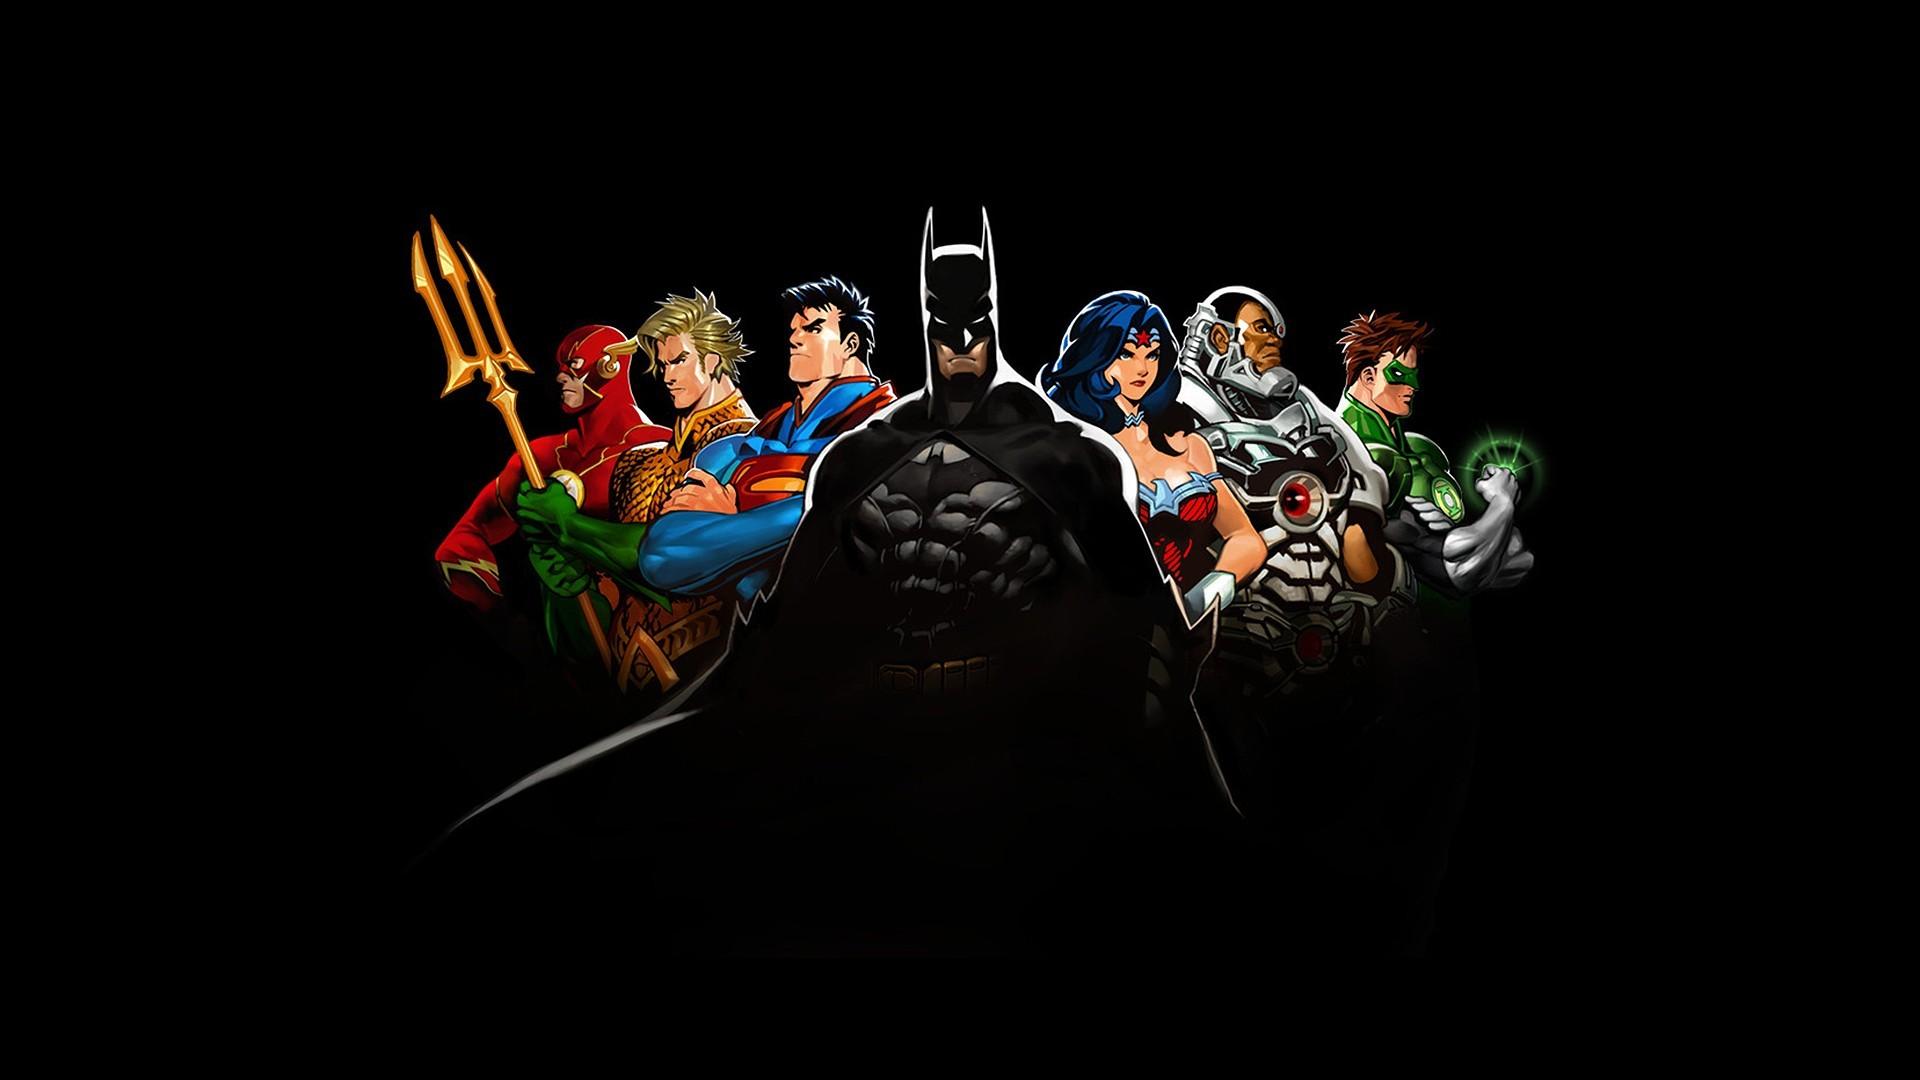 DC Comics heroes Wallpaper 5068 1920x1080